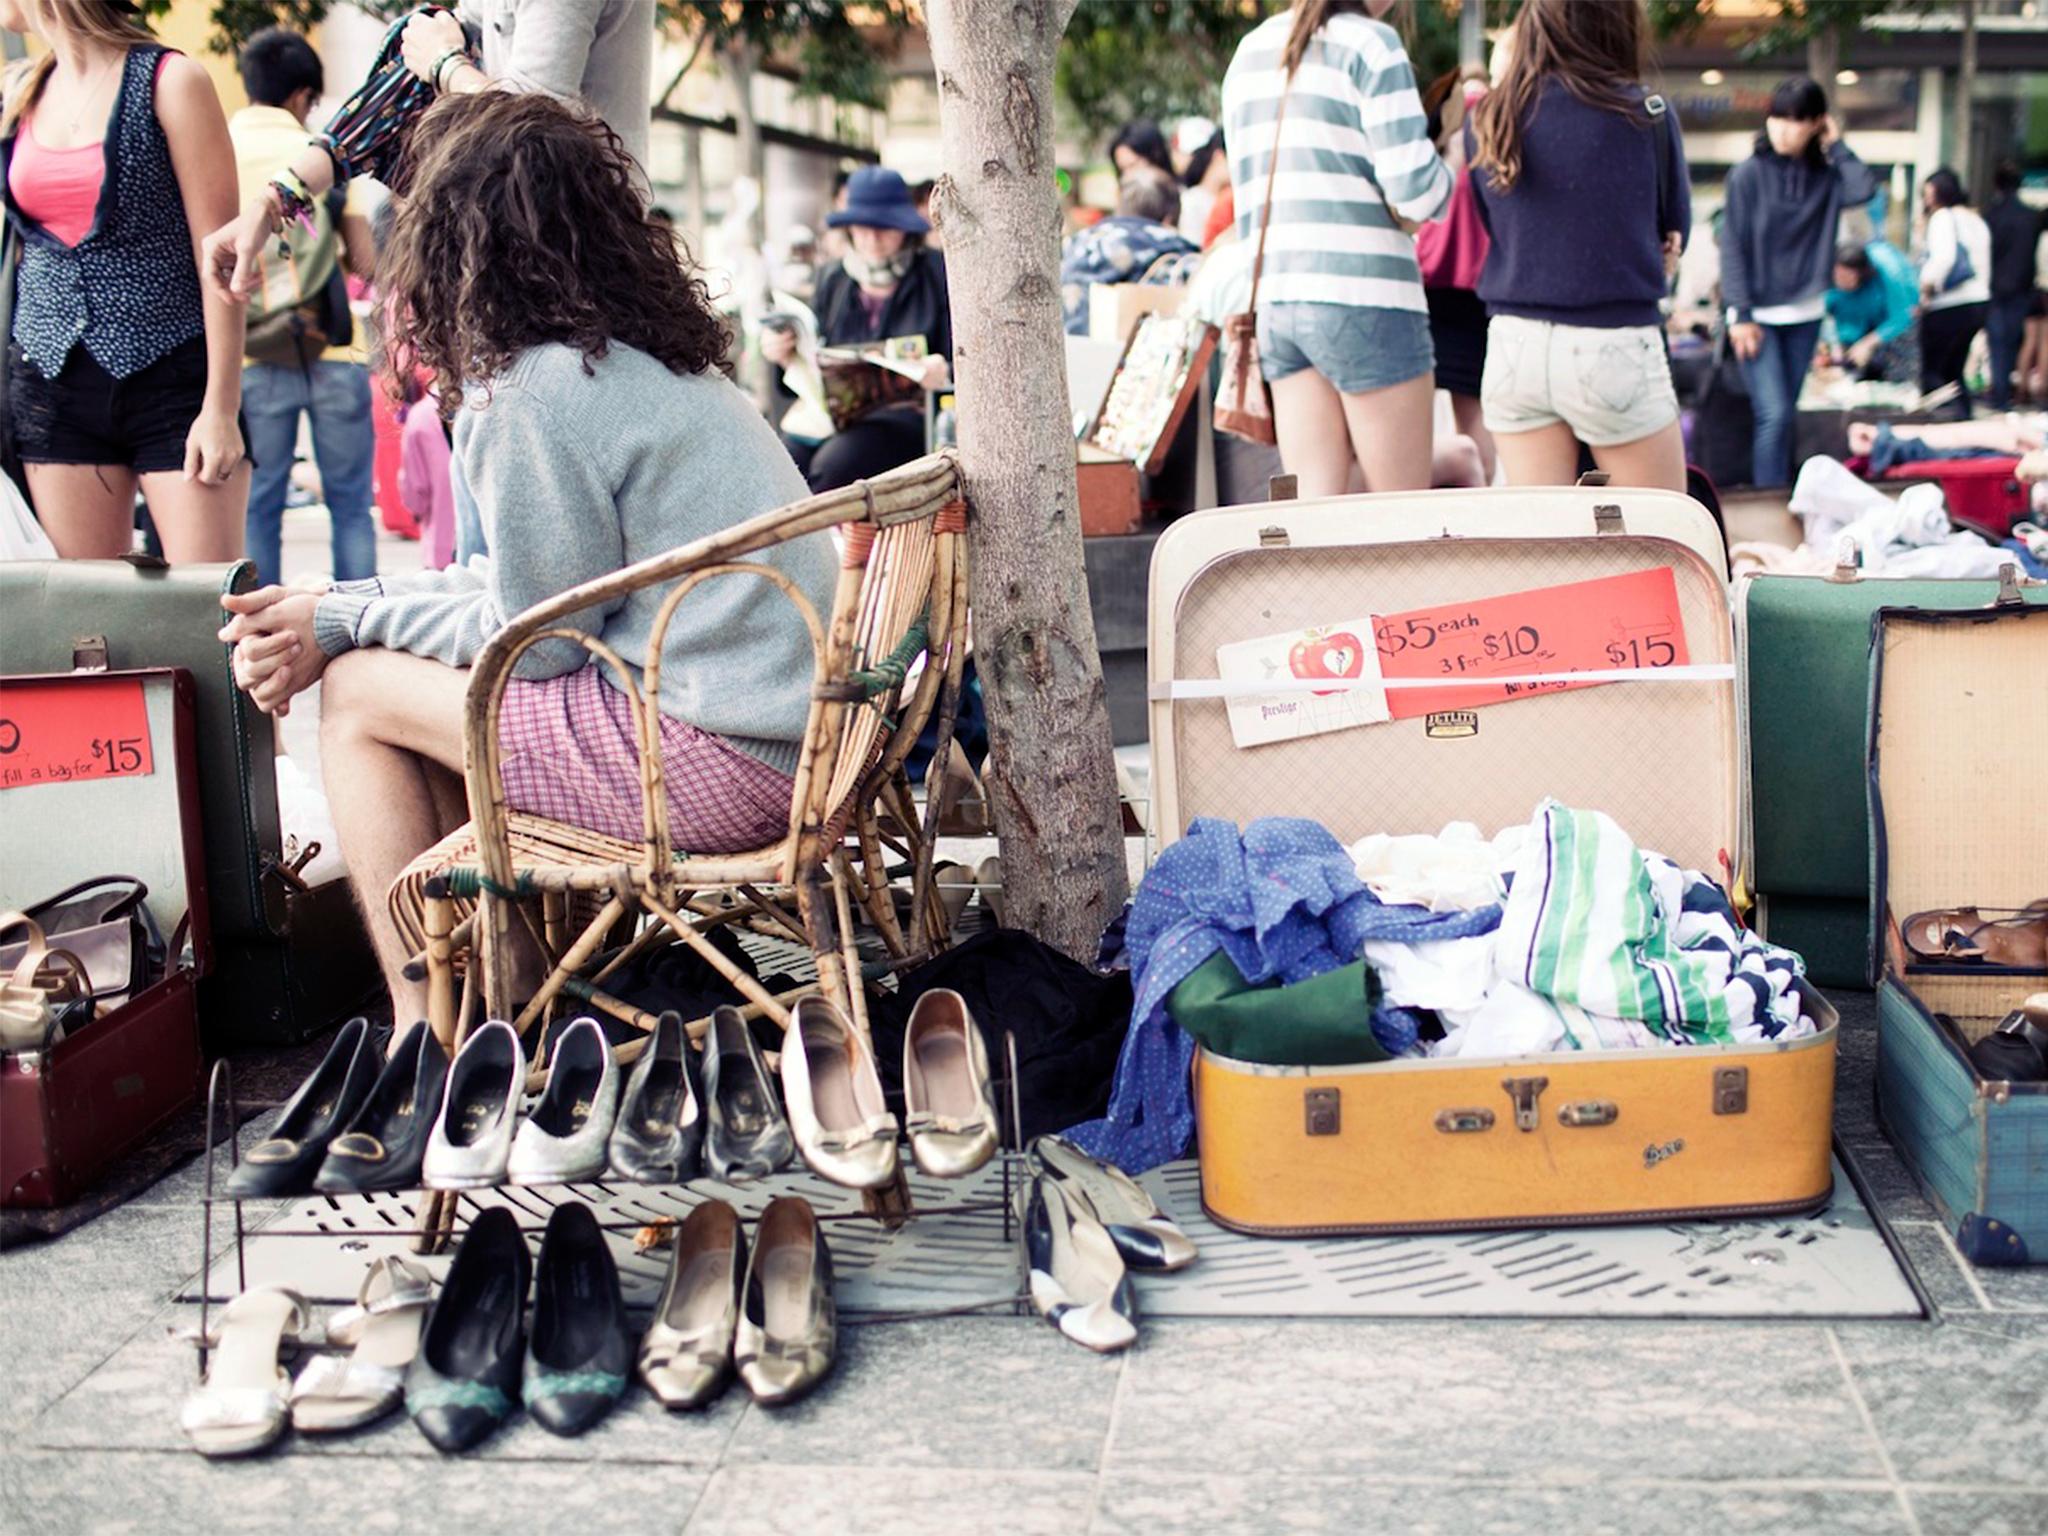 Clothes, books and bric-a-brac